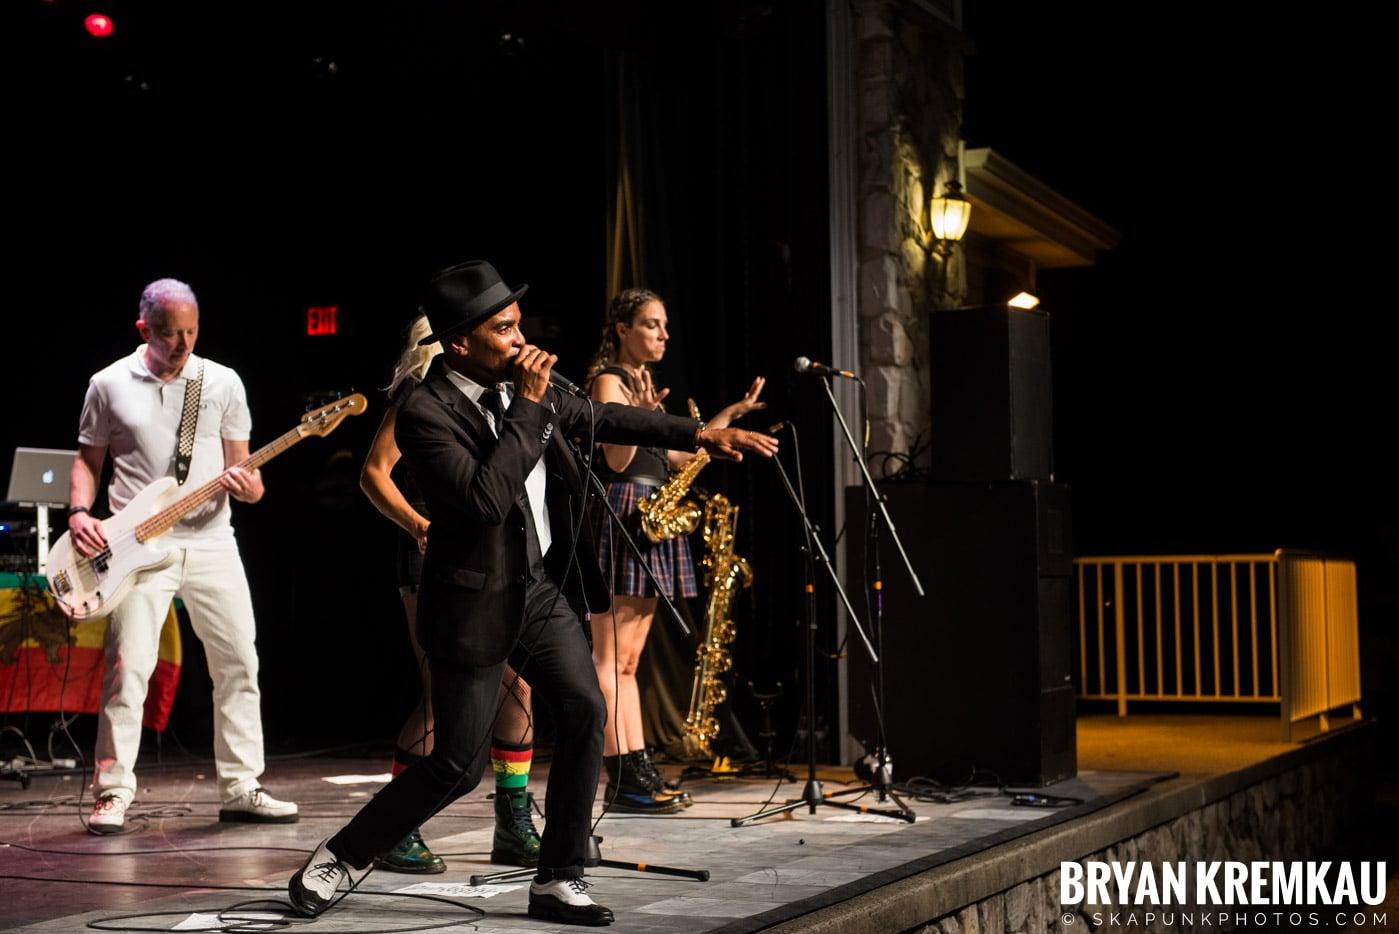 Rude Boy George @ Oskar Schindler Performing Arts Center, West Orange, NJ - 8.19.17 (20)